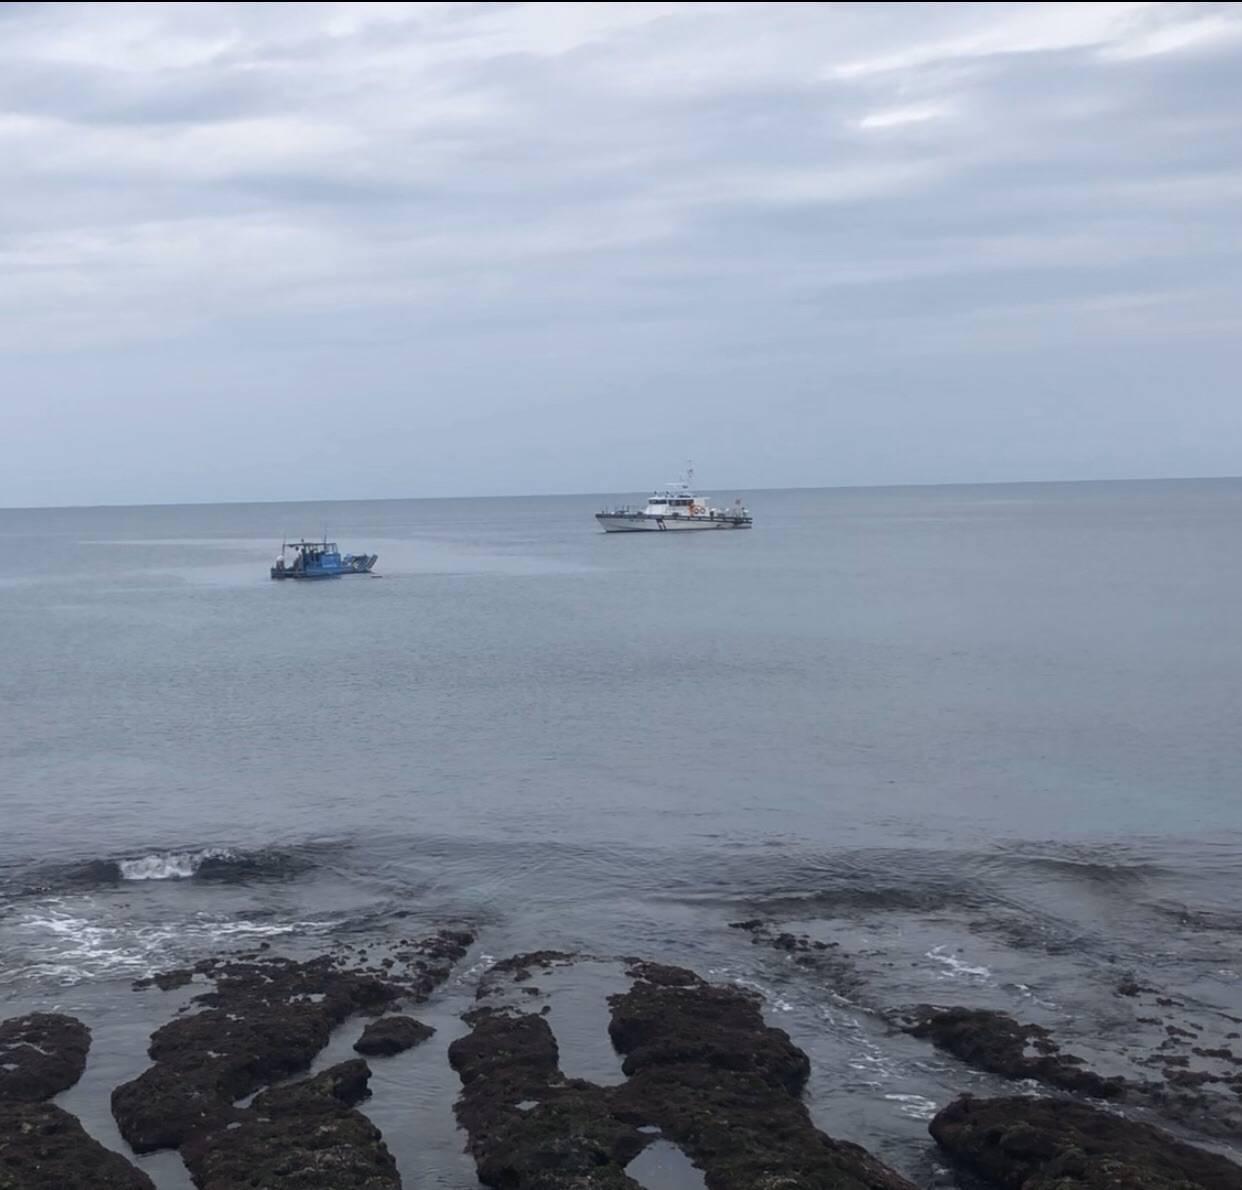 觀光半潛艇娛樂船今晨在墾丁海域觸礁沉沒,所幸船上人員平安。圖/海巡署提供